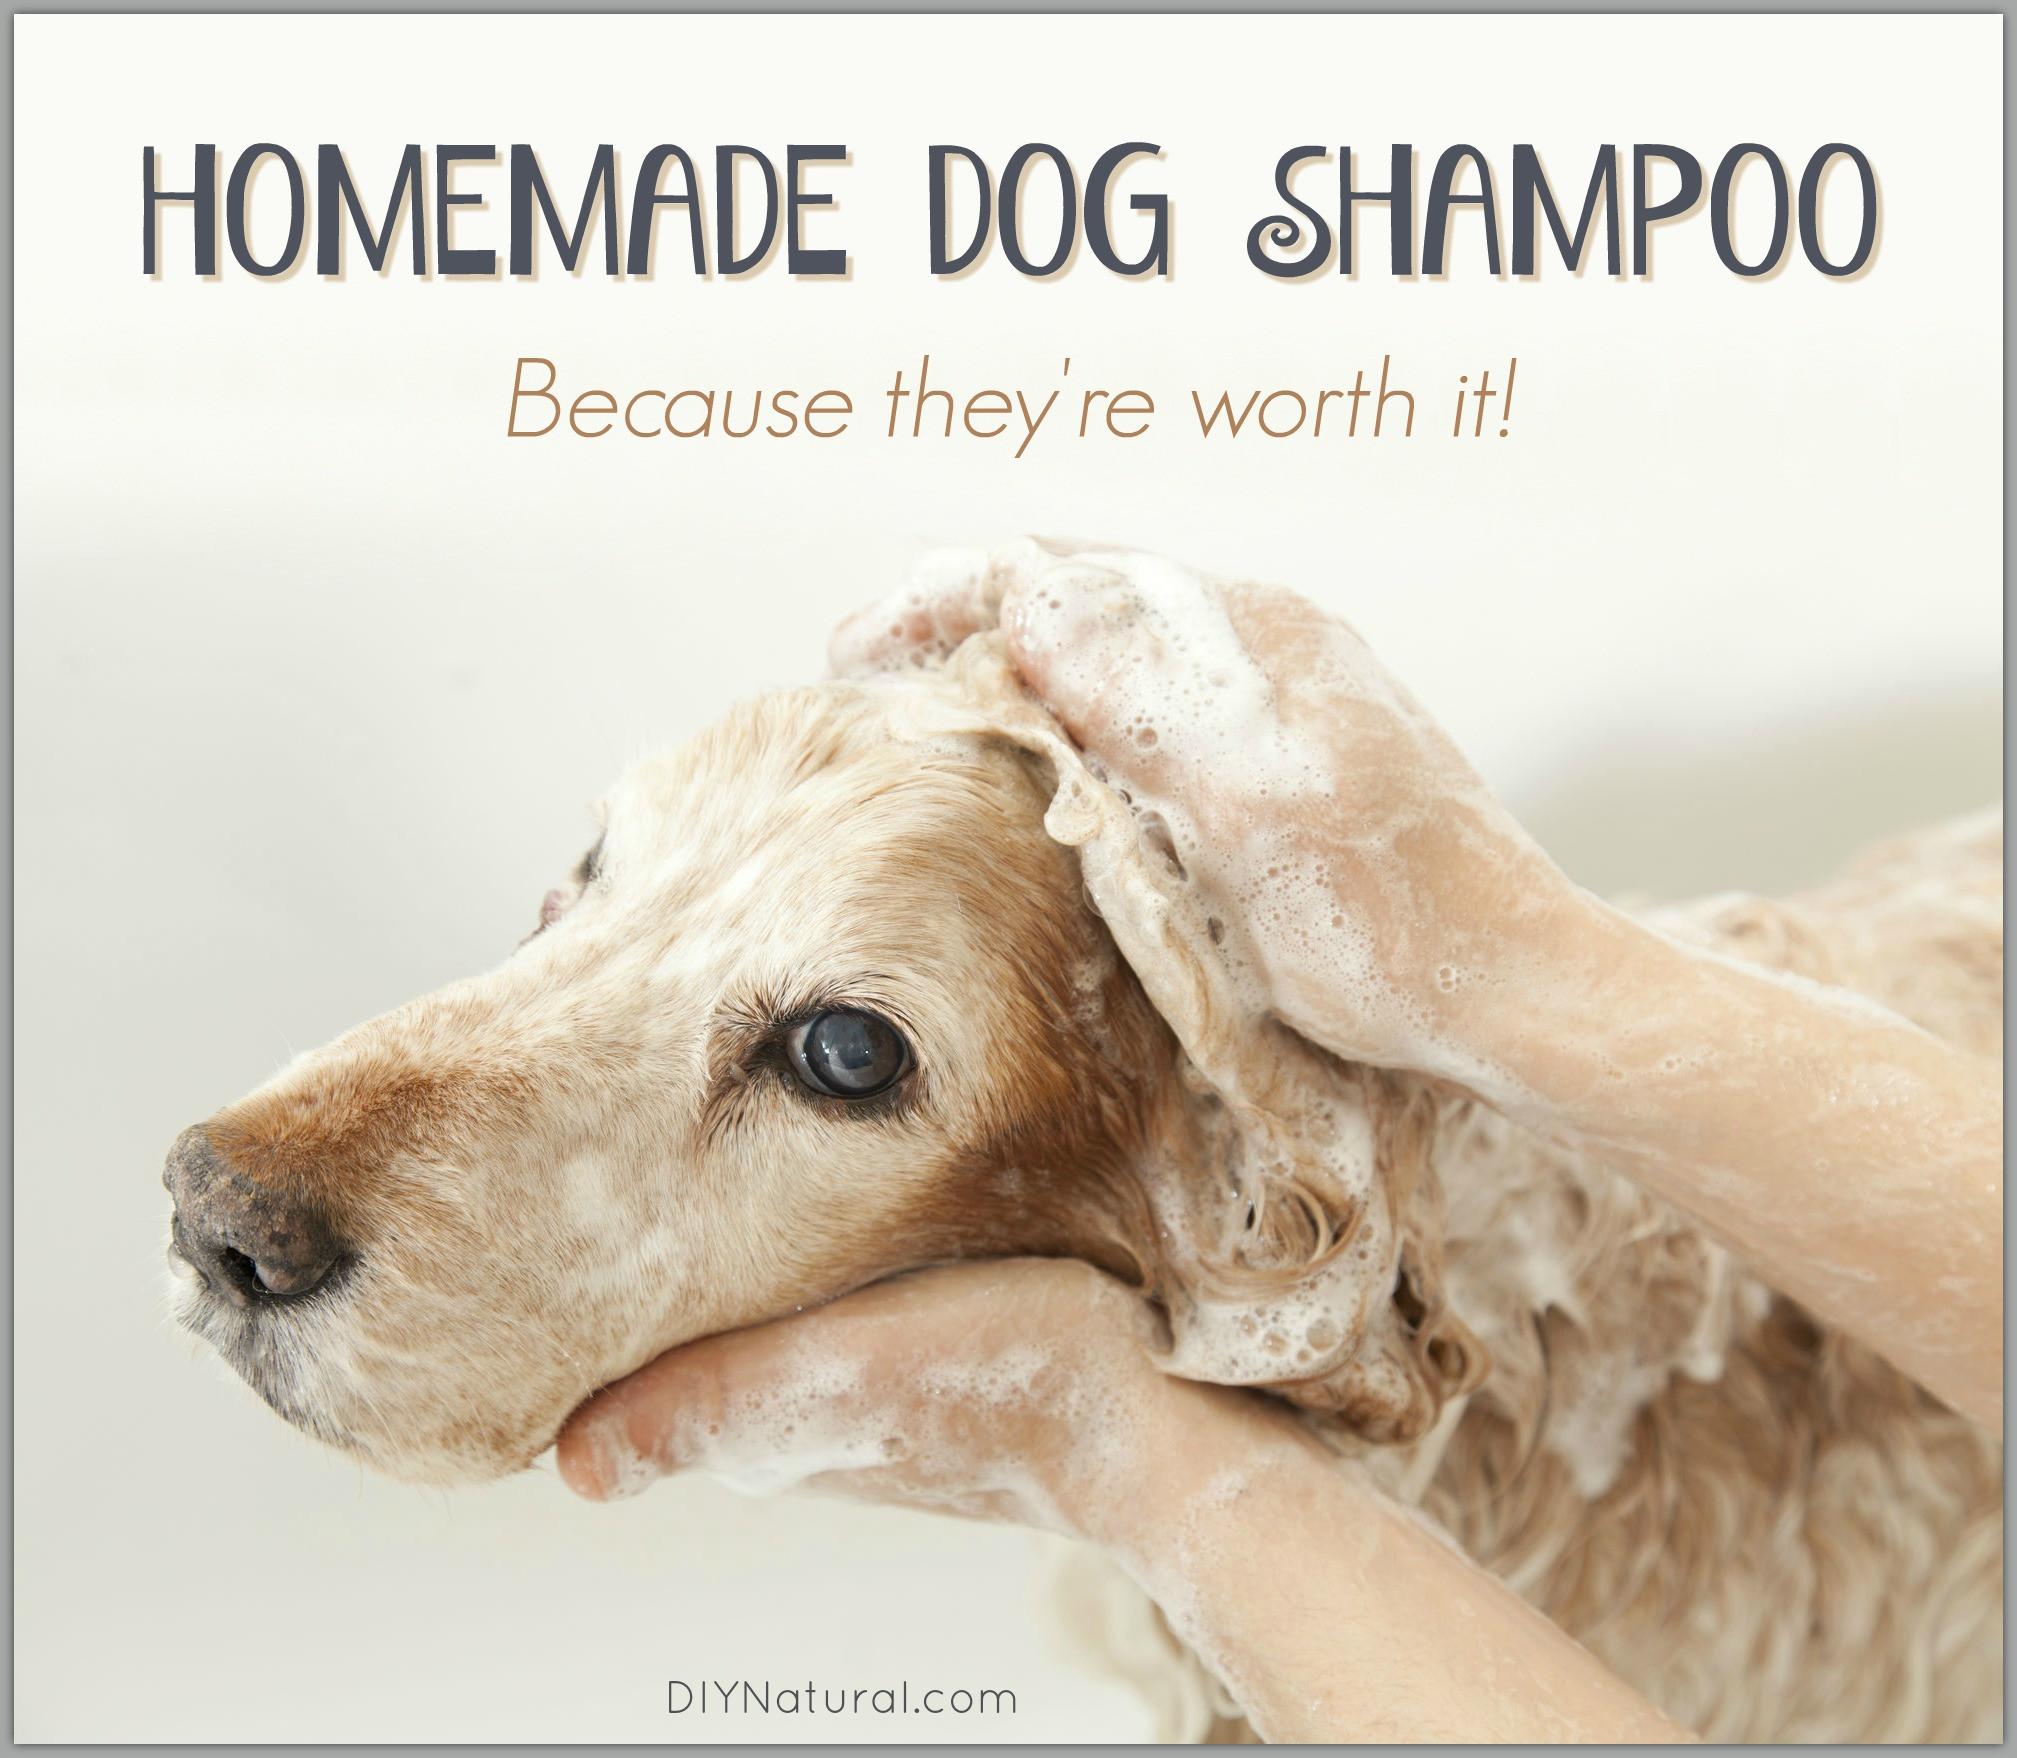 DIY Dog Shampoo  Homemade Dog Shampoo Bar A Simple and Natural Recipe